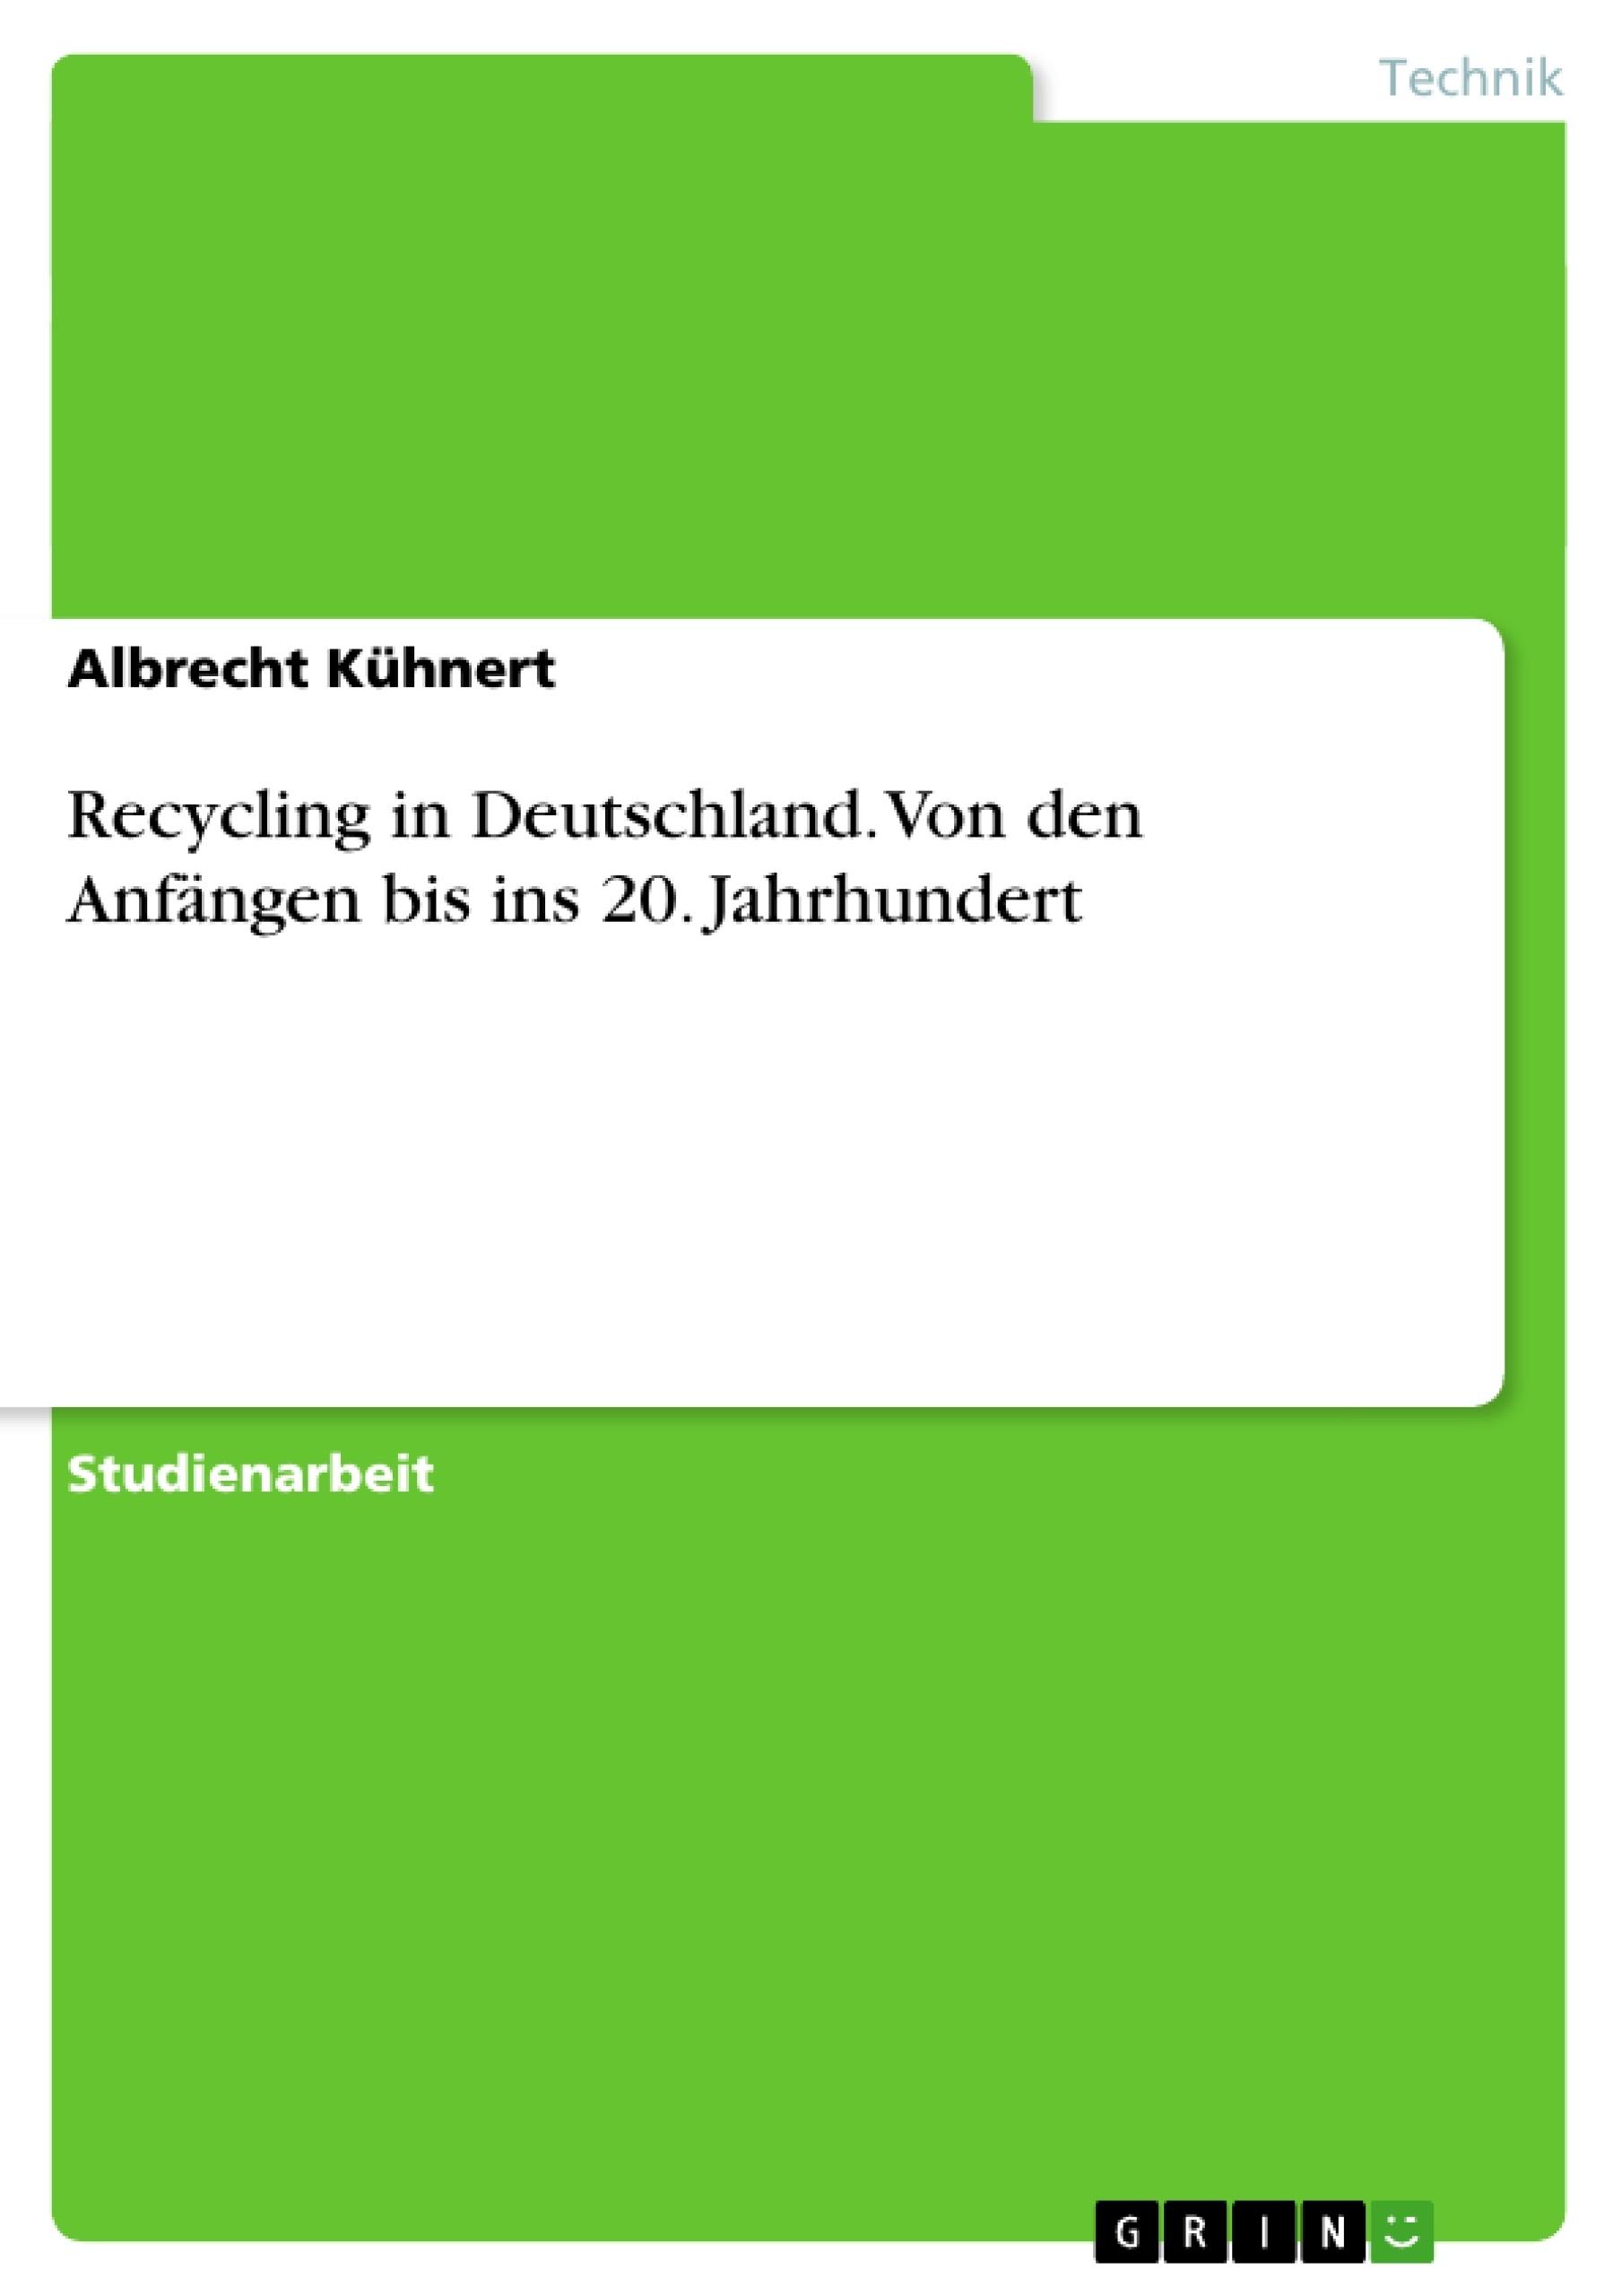 Titel: Recycling in Deutschland. Von den Anfängen bis ins 20. Jahrhundert